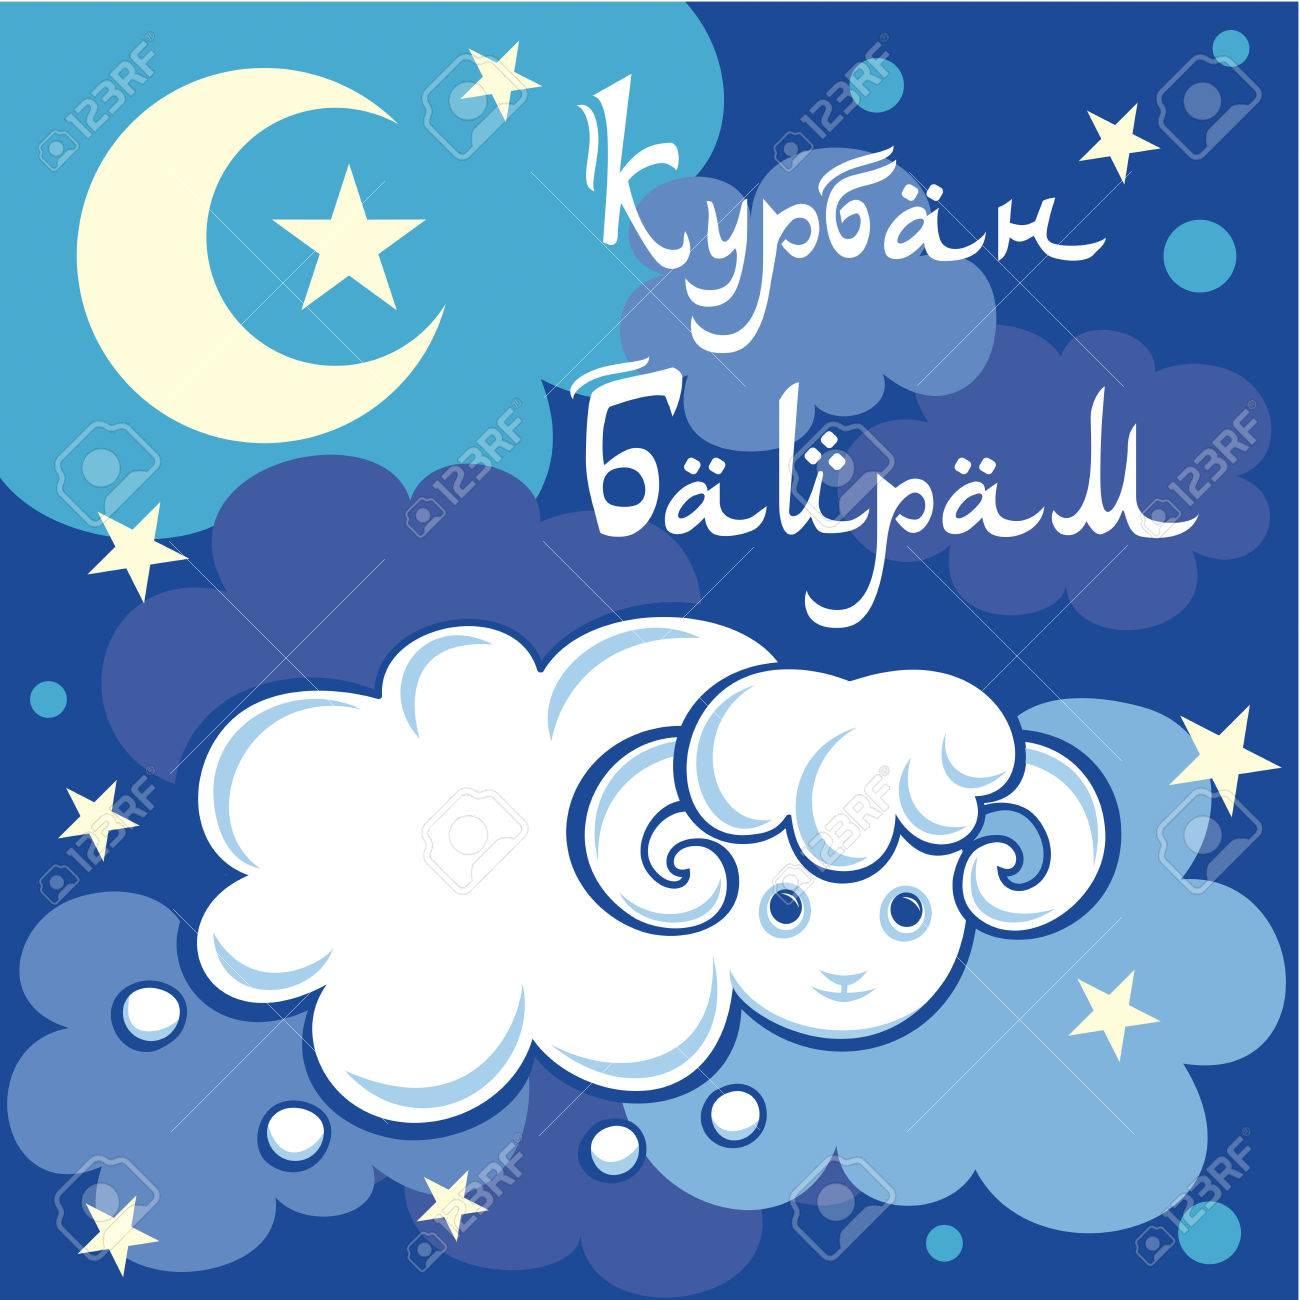 Popular Eid Il Eid Al-Fitr Greeting - 45281718-muslim-community-kurban-bayram-muslim-community-festival-of-sacrifice-eid-ul-adha-eid-al-fitr-mubara  Trends_937848 .jpg